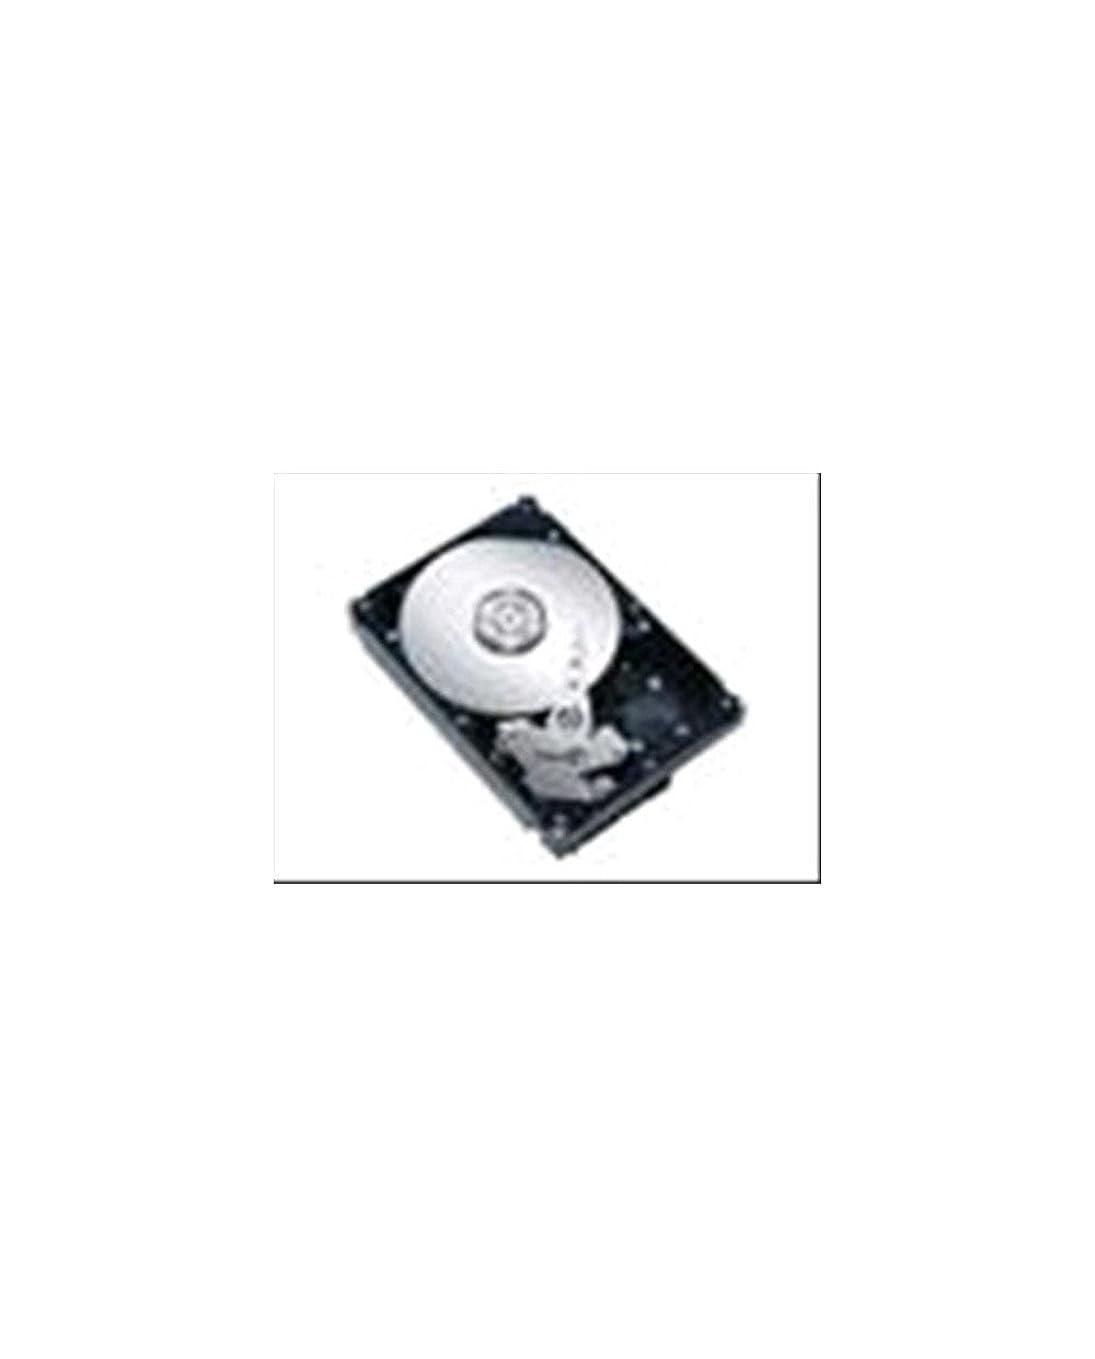 荒廃する変わる腐敗Fujitsu S26361-F3660-L100 hard disk drive